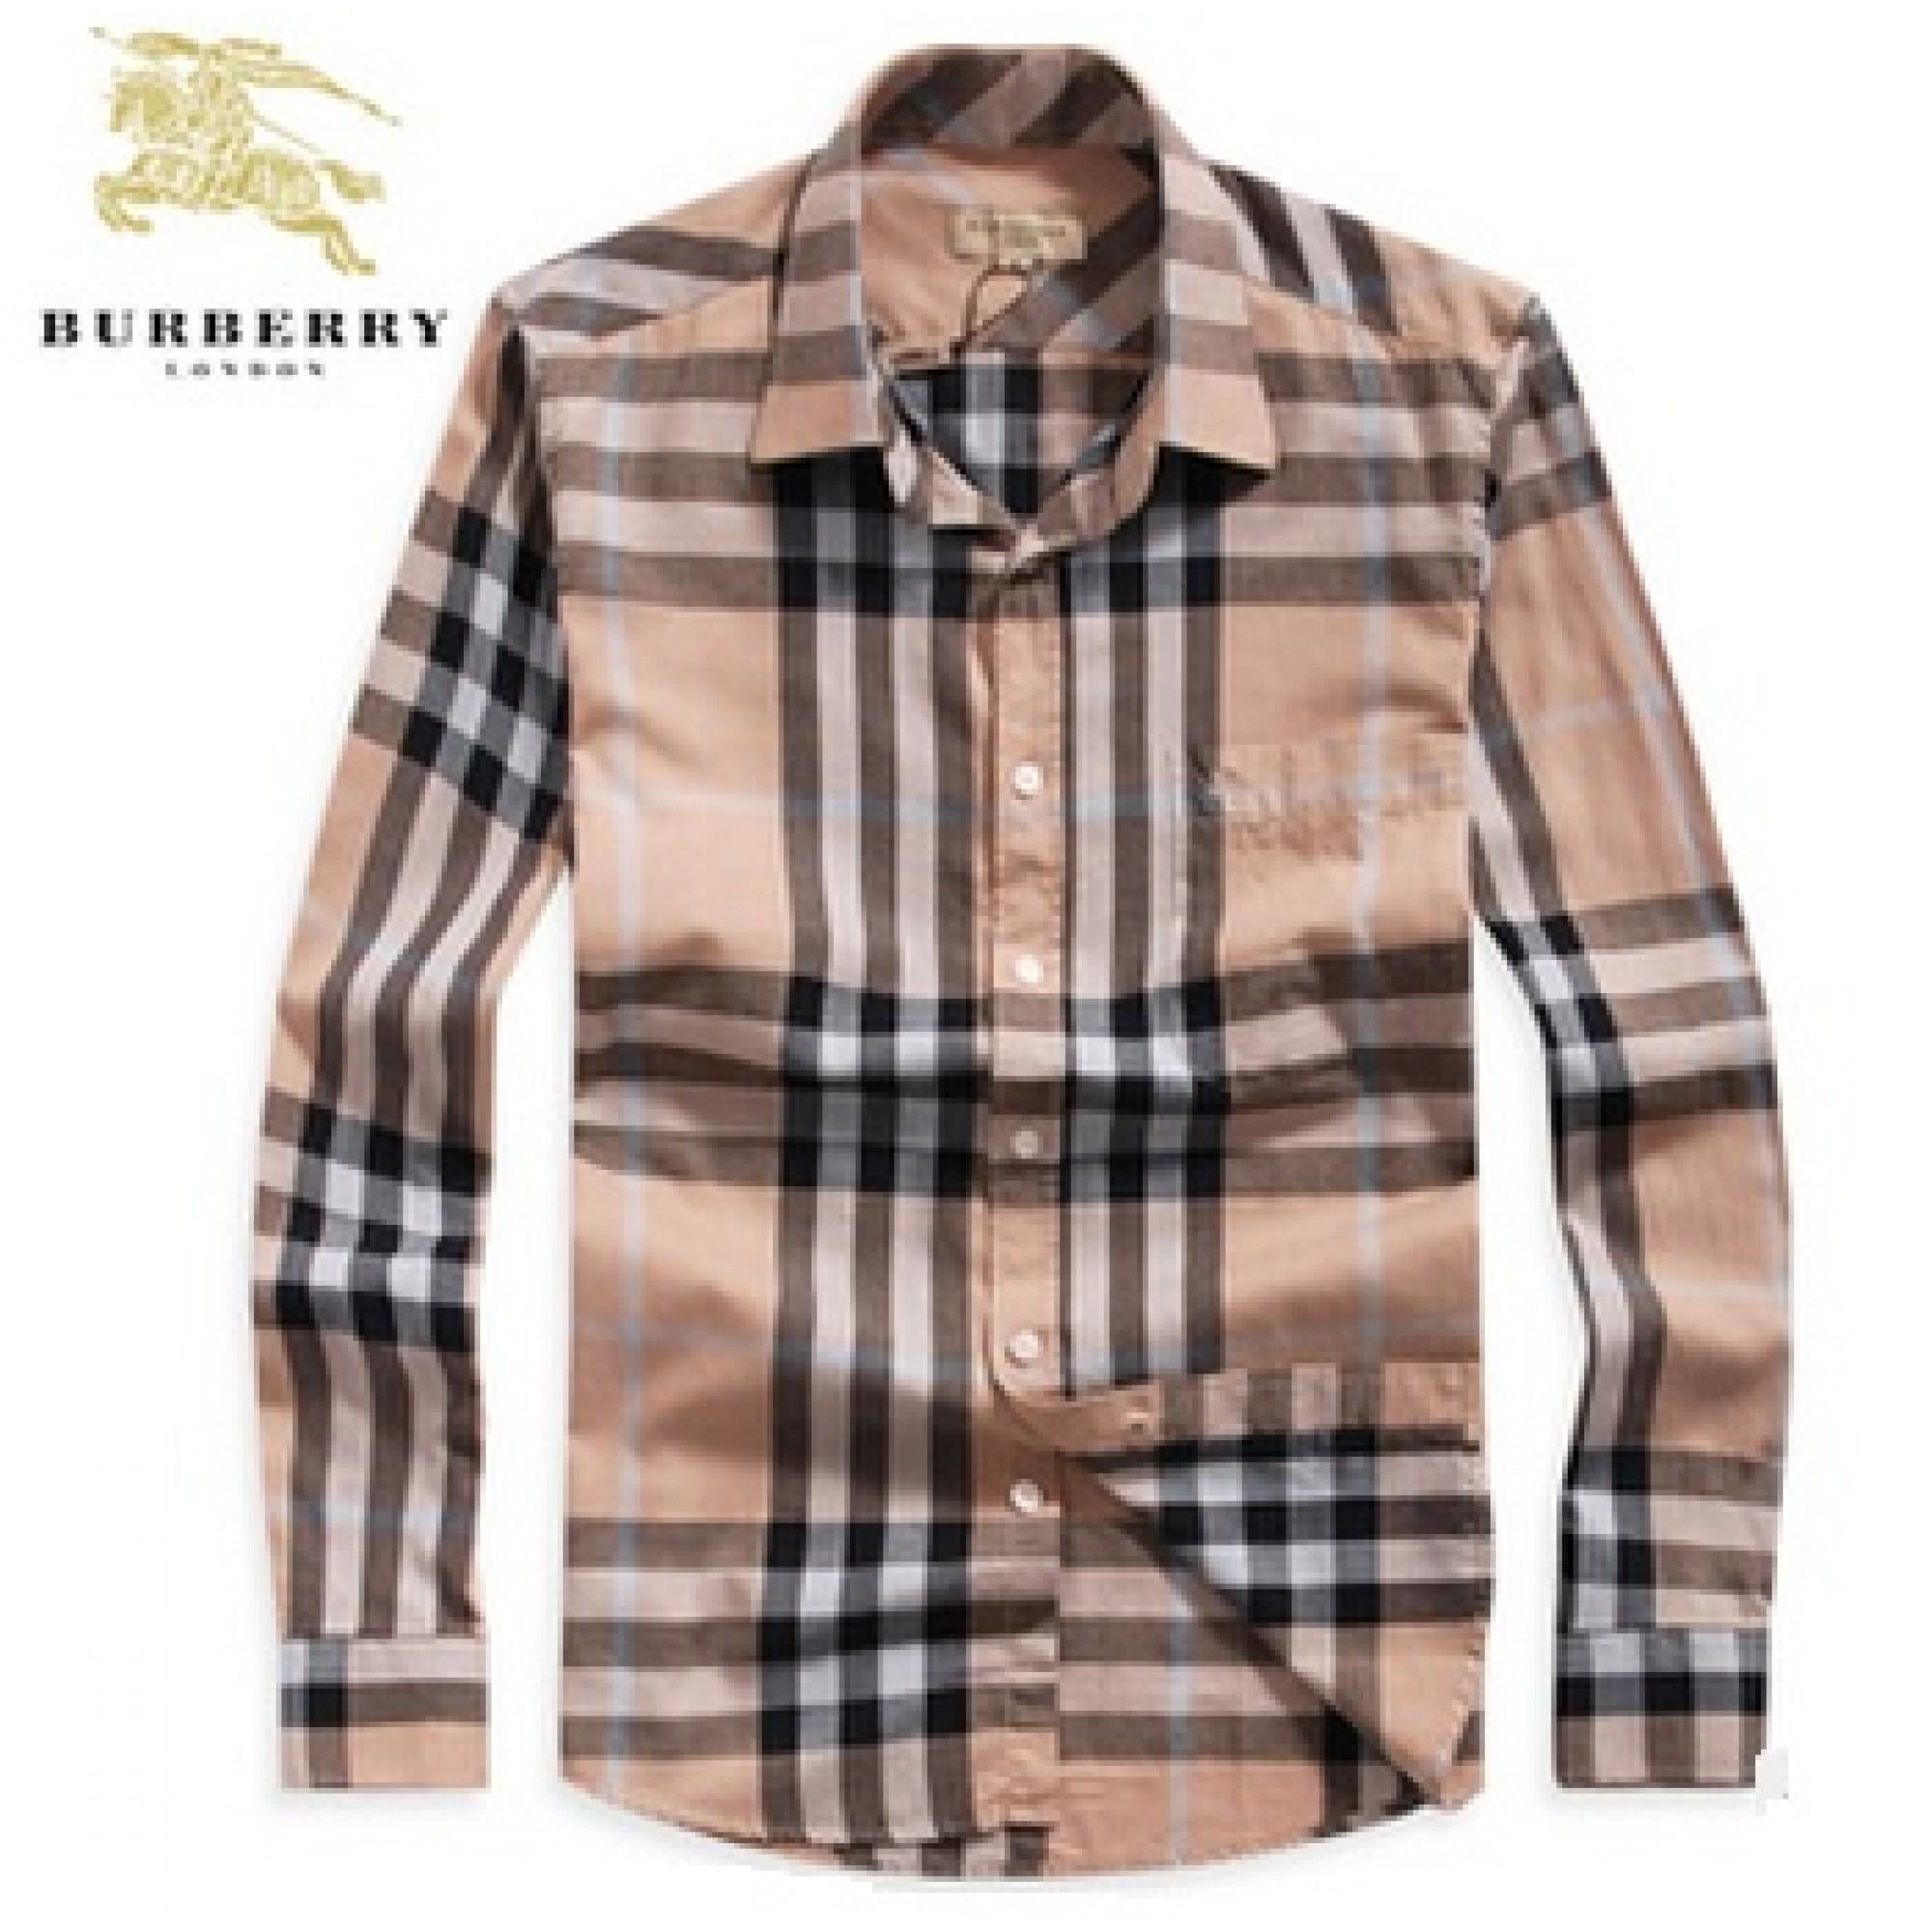 c27834370daf Купить мужская рубашка бежевая от Burberry — в Киеве, код товара 7339